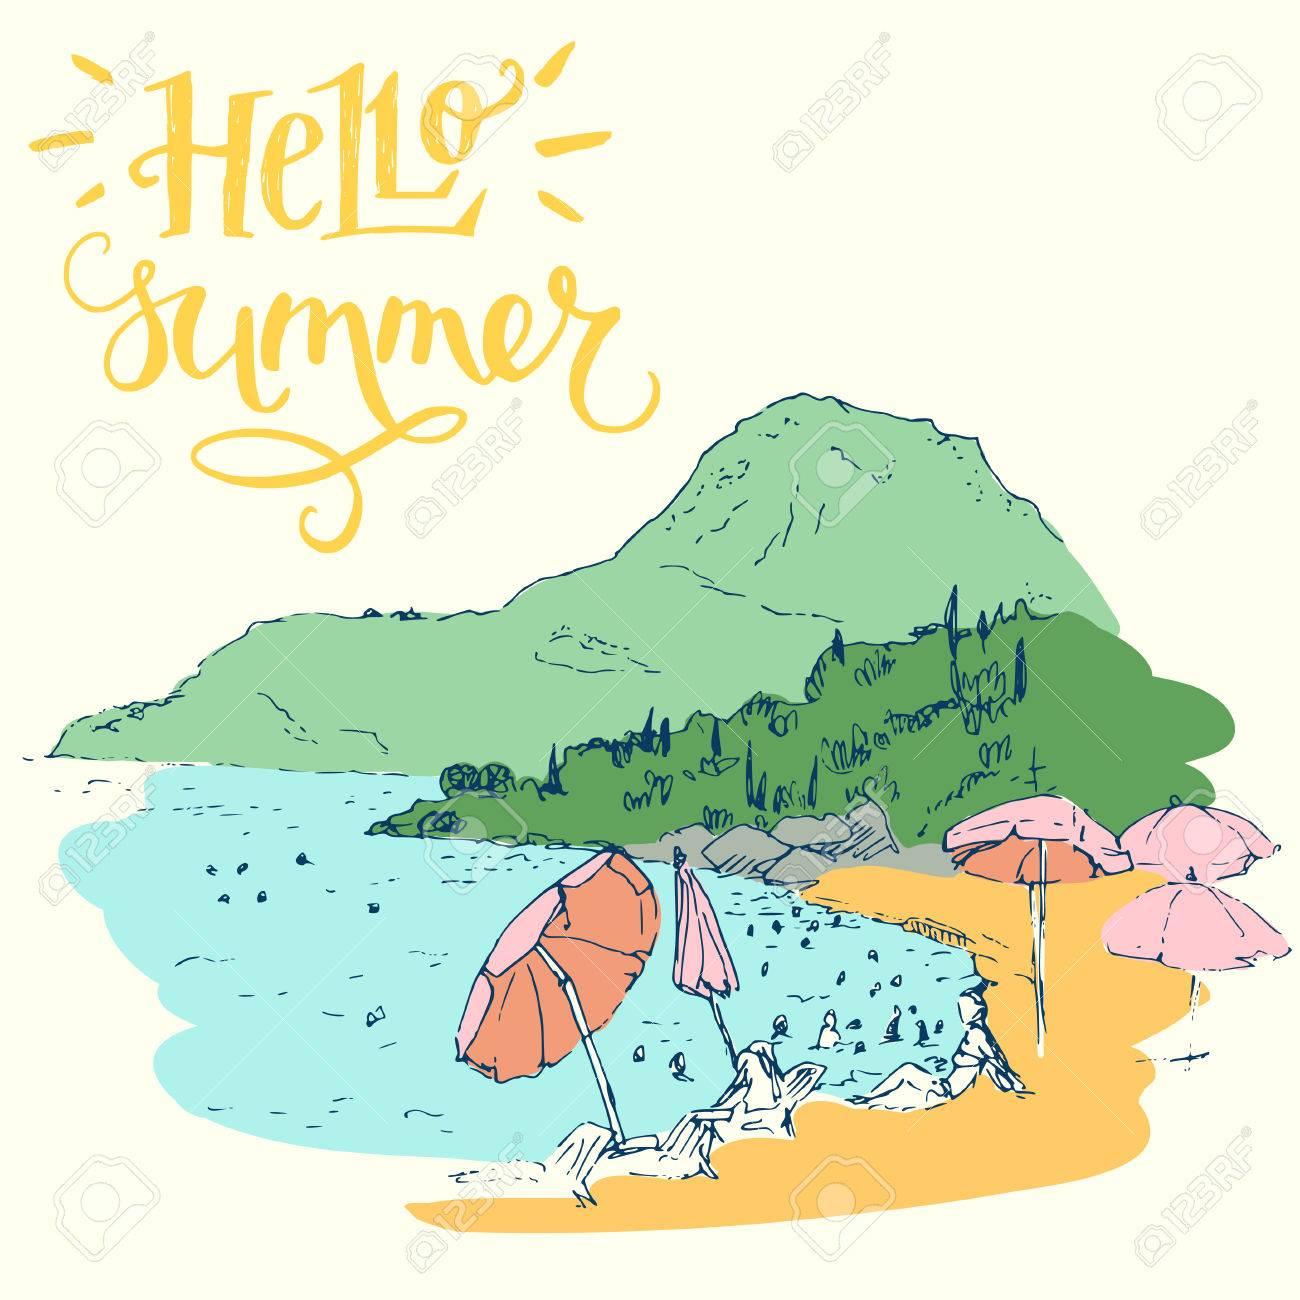 Dessin De Style Croquis De Vacances D Ete Page Sketchbook Voyage Avec Couleur Croquis A Main Levee De La Mer Au Montenegro En Europe Et Elegant Lettrage A La Main Bonjour Summer Clip